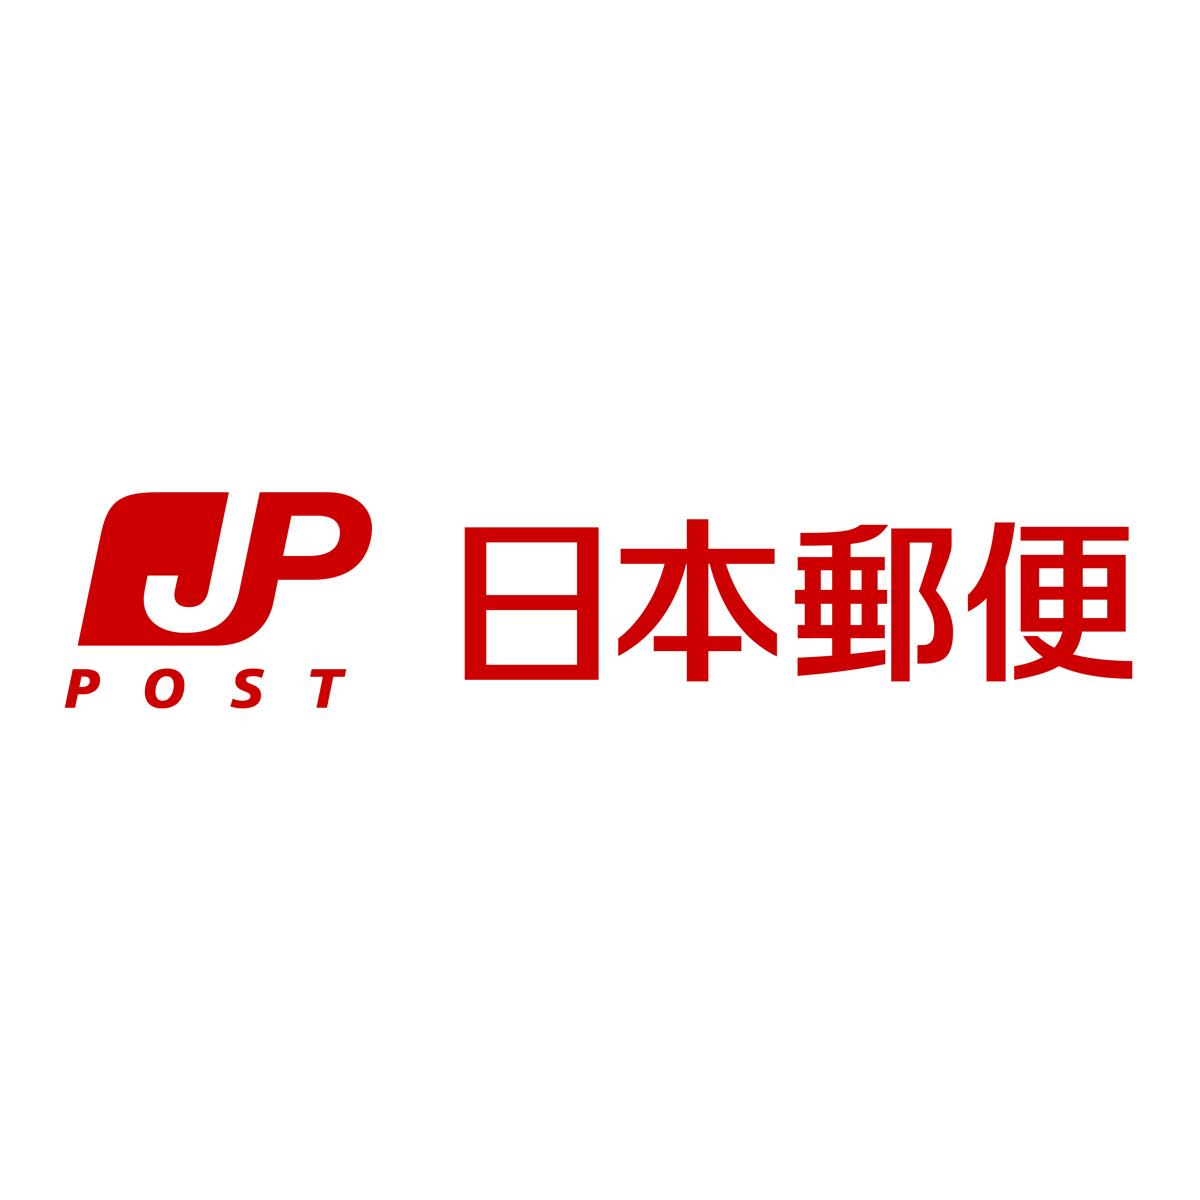 マイ ページ 郵便 サービス 国際